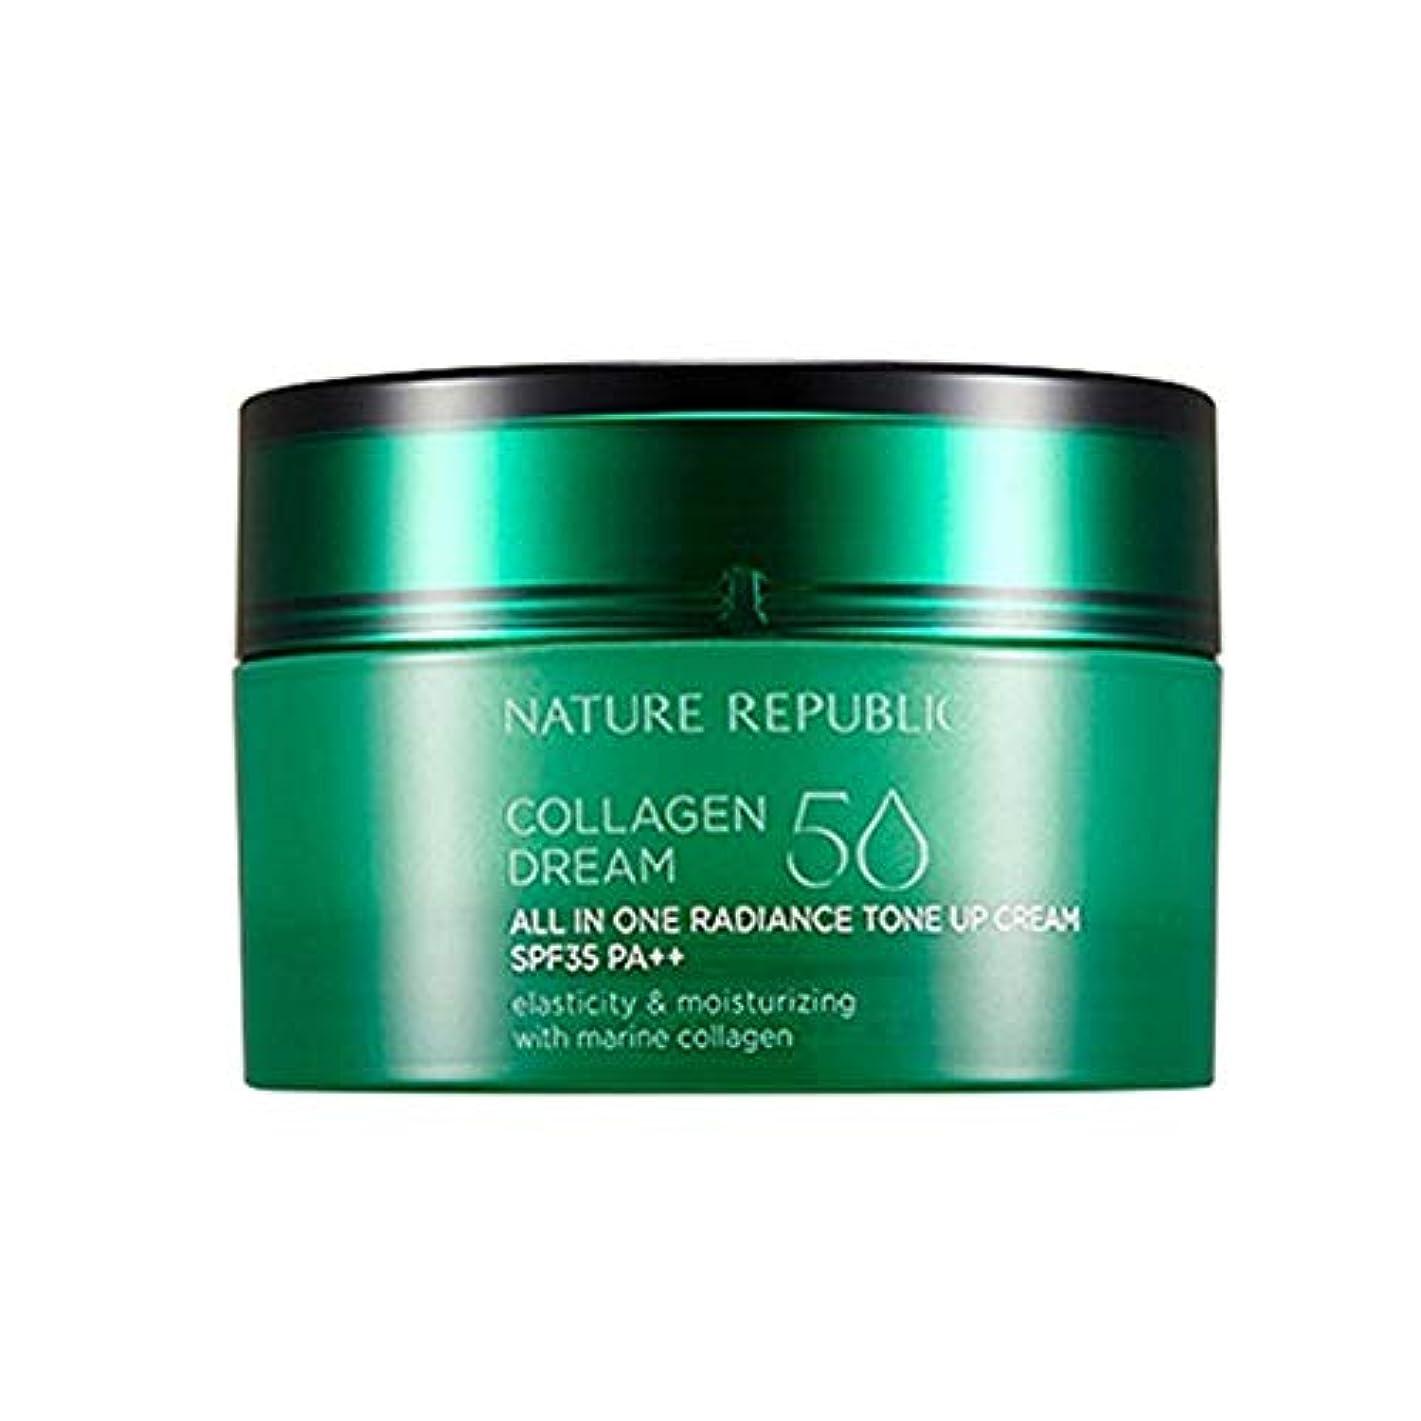 悲惨な窒素チョークネイチャーリパブリックコラーゲンドリーム50オールインワンラディアンストンアップクリーム50ml韓国コスメ、Nature Republic Collagen Dream 50 All in One Radiance Tone up Cream 50ml Korean Cosmetics [並行輸入品]